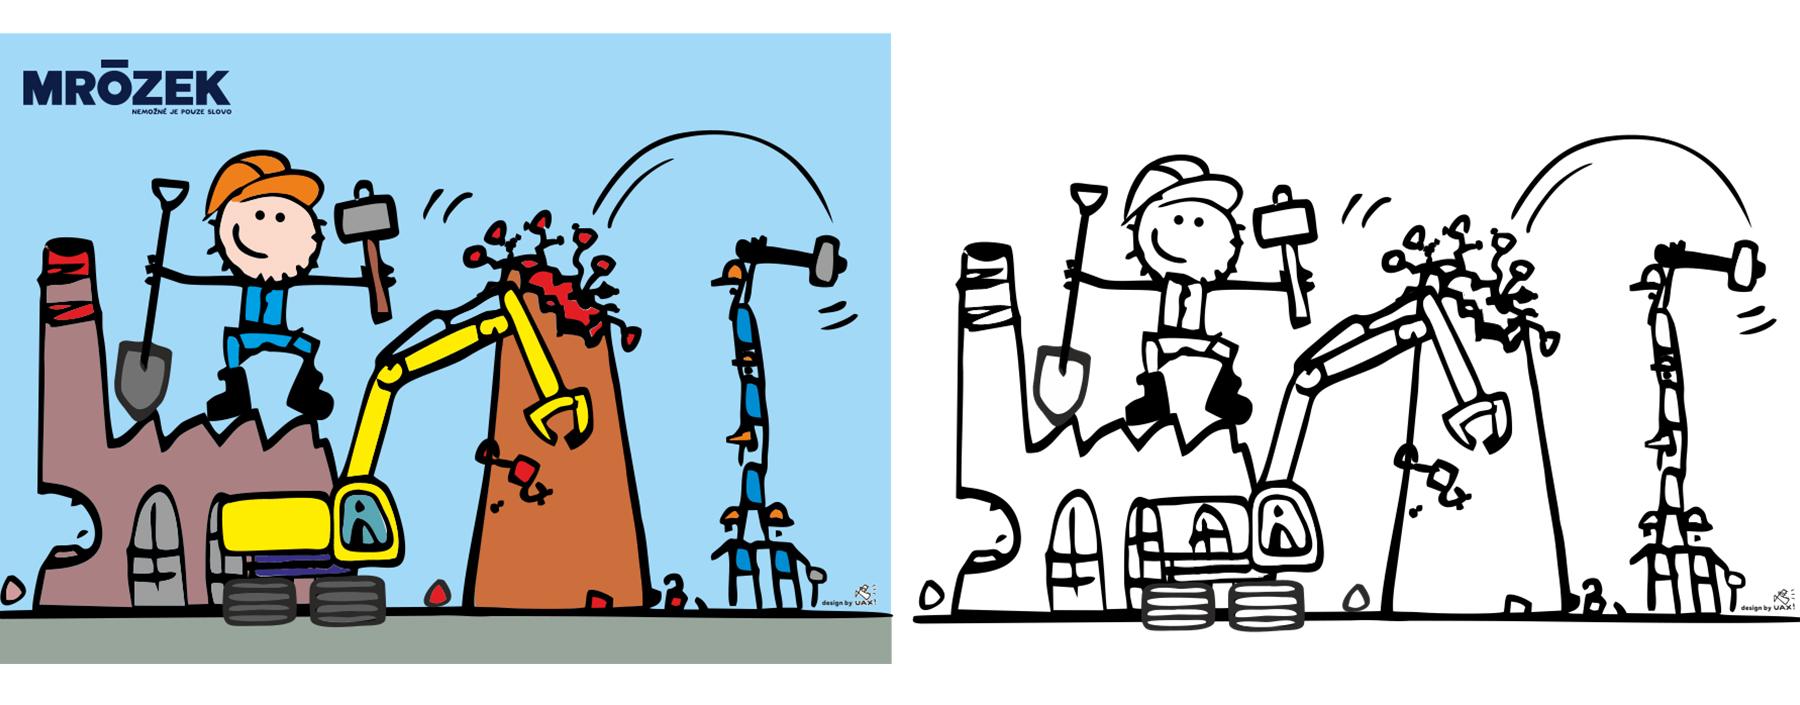 doodles Mrozek